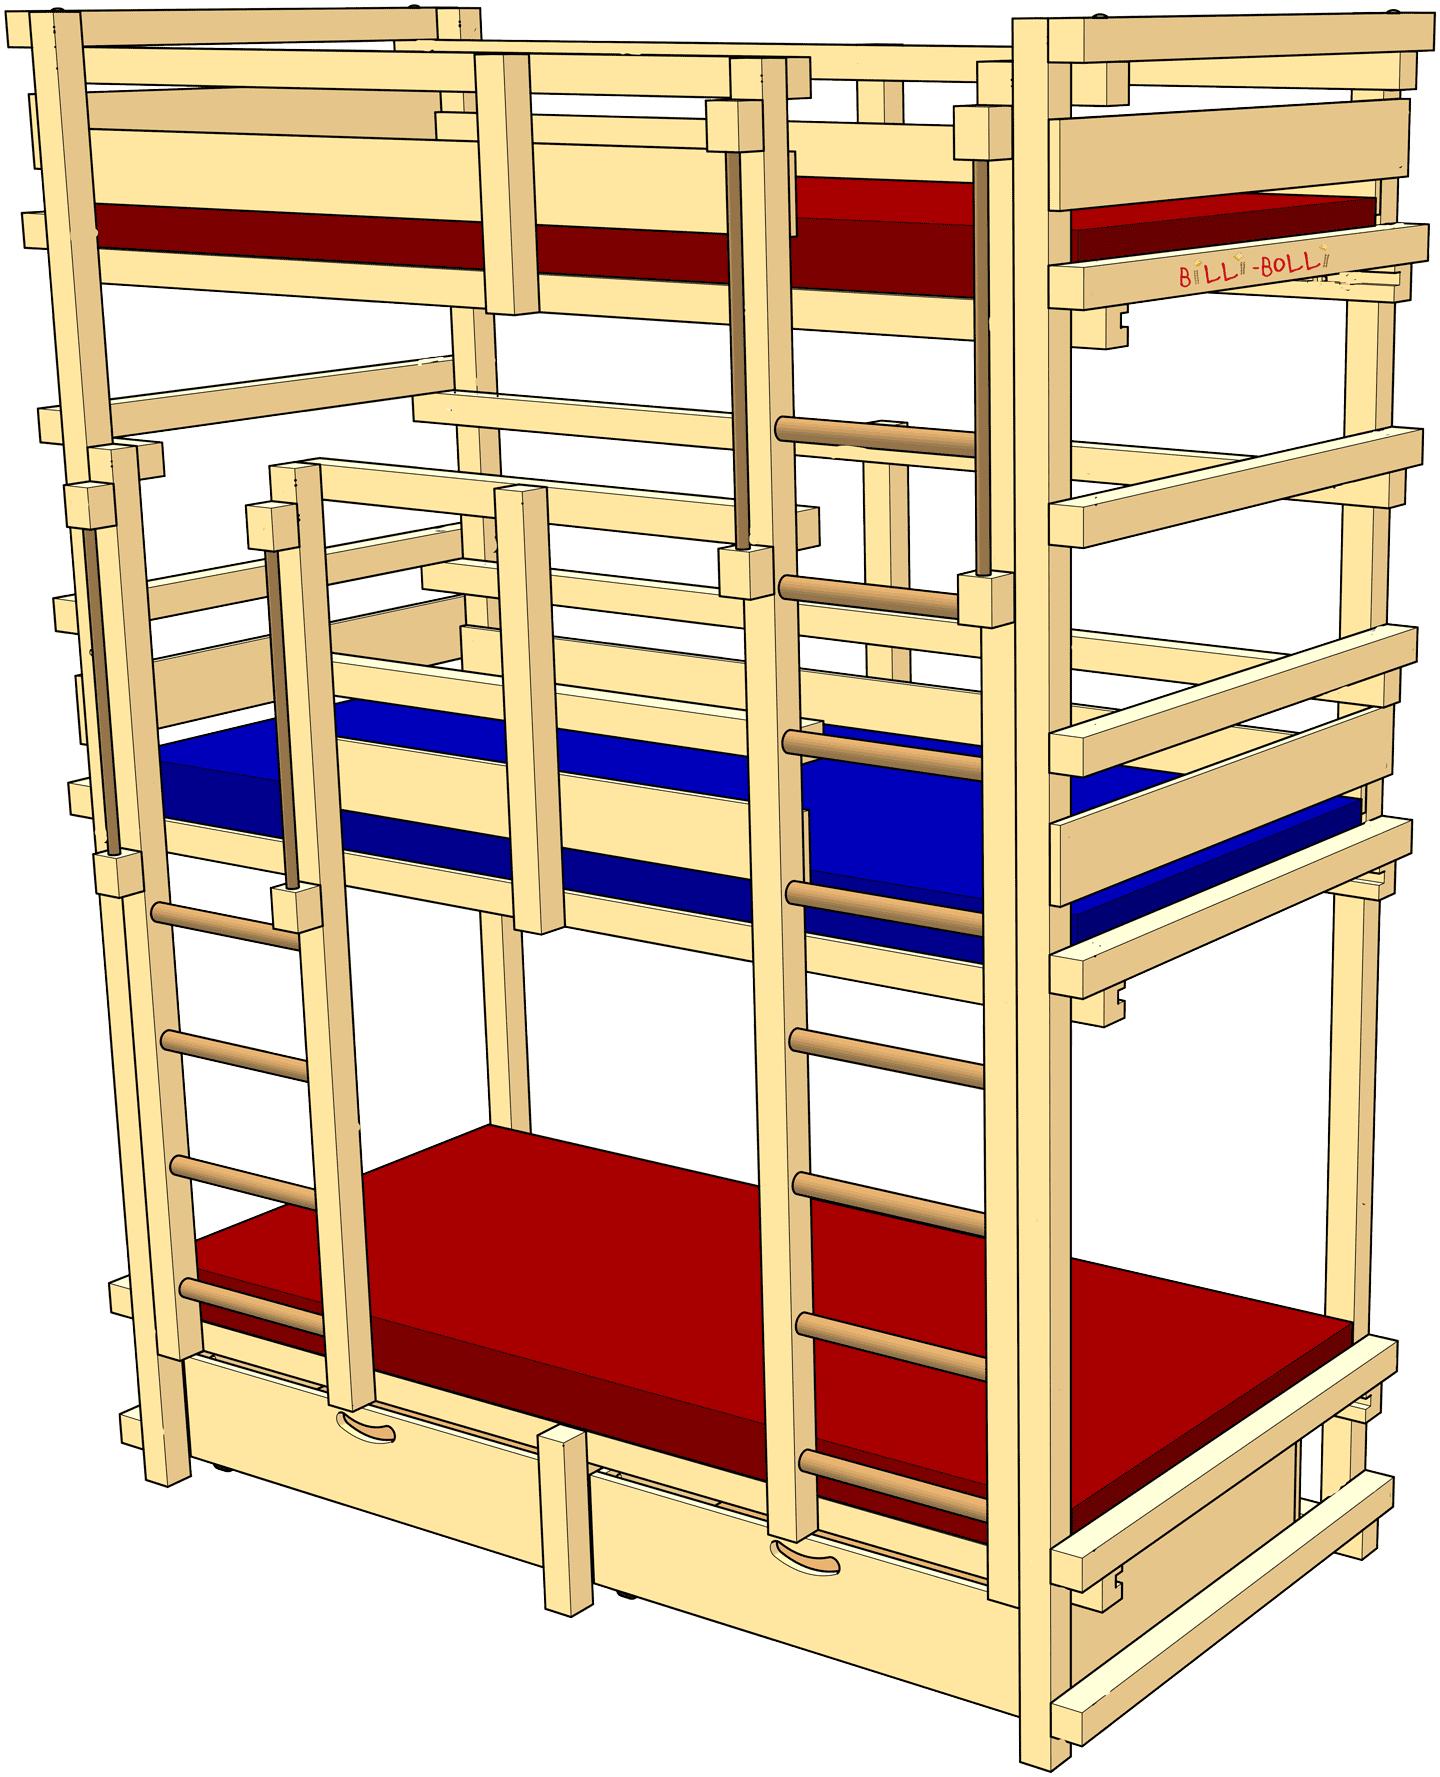 Billi Bolli grattacielo mobili per bambini da billi bolli